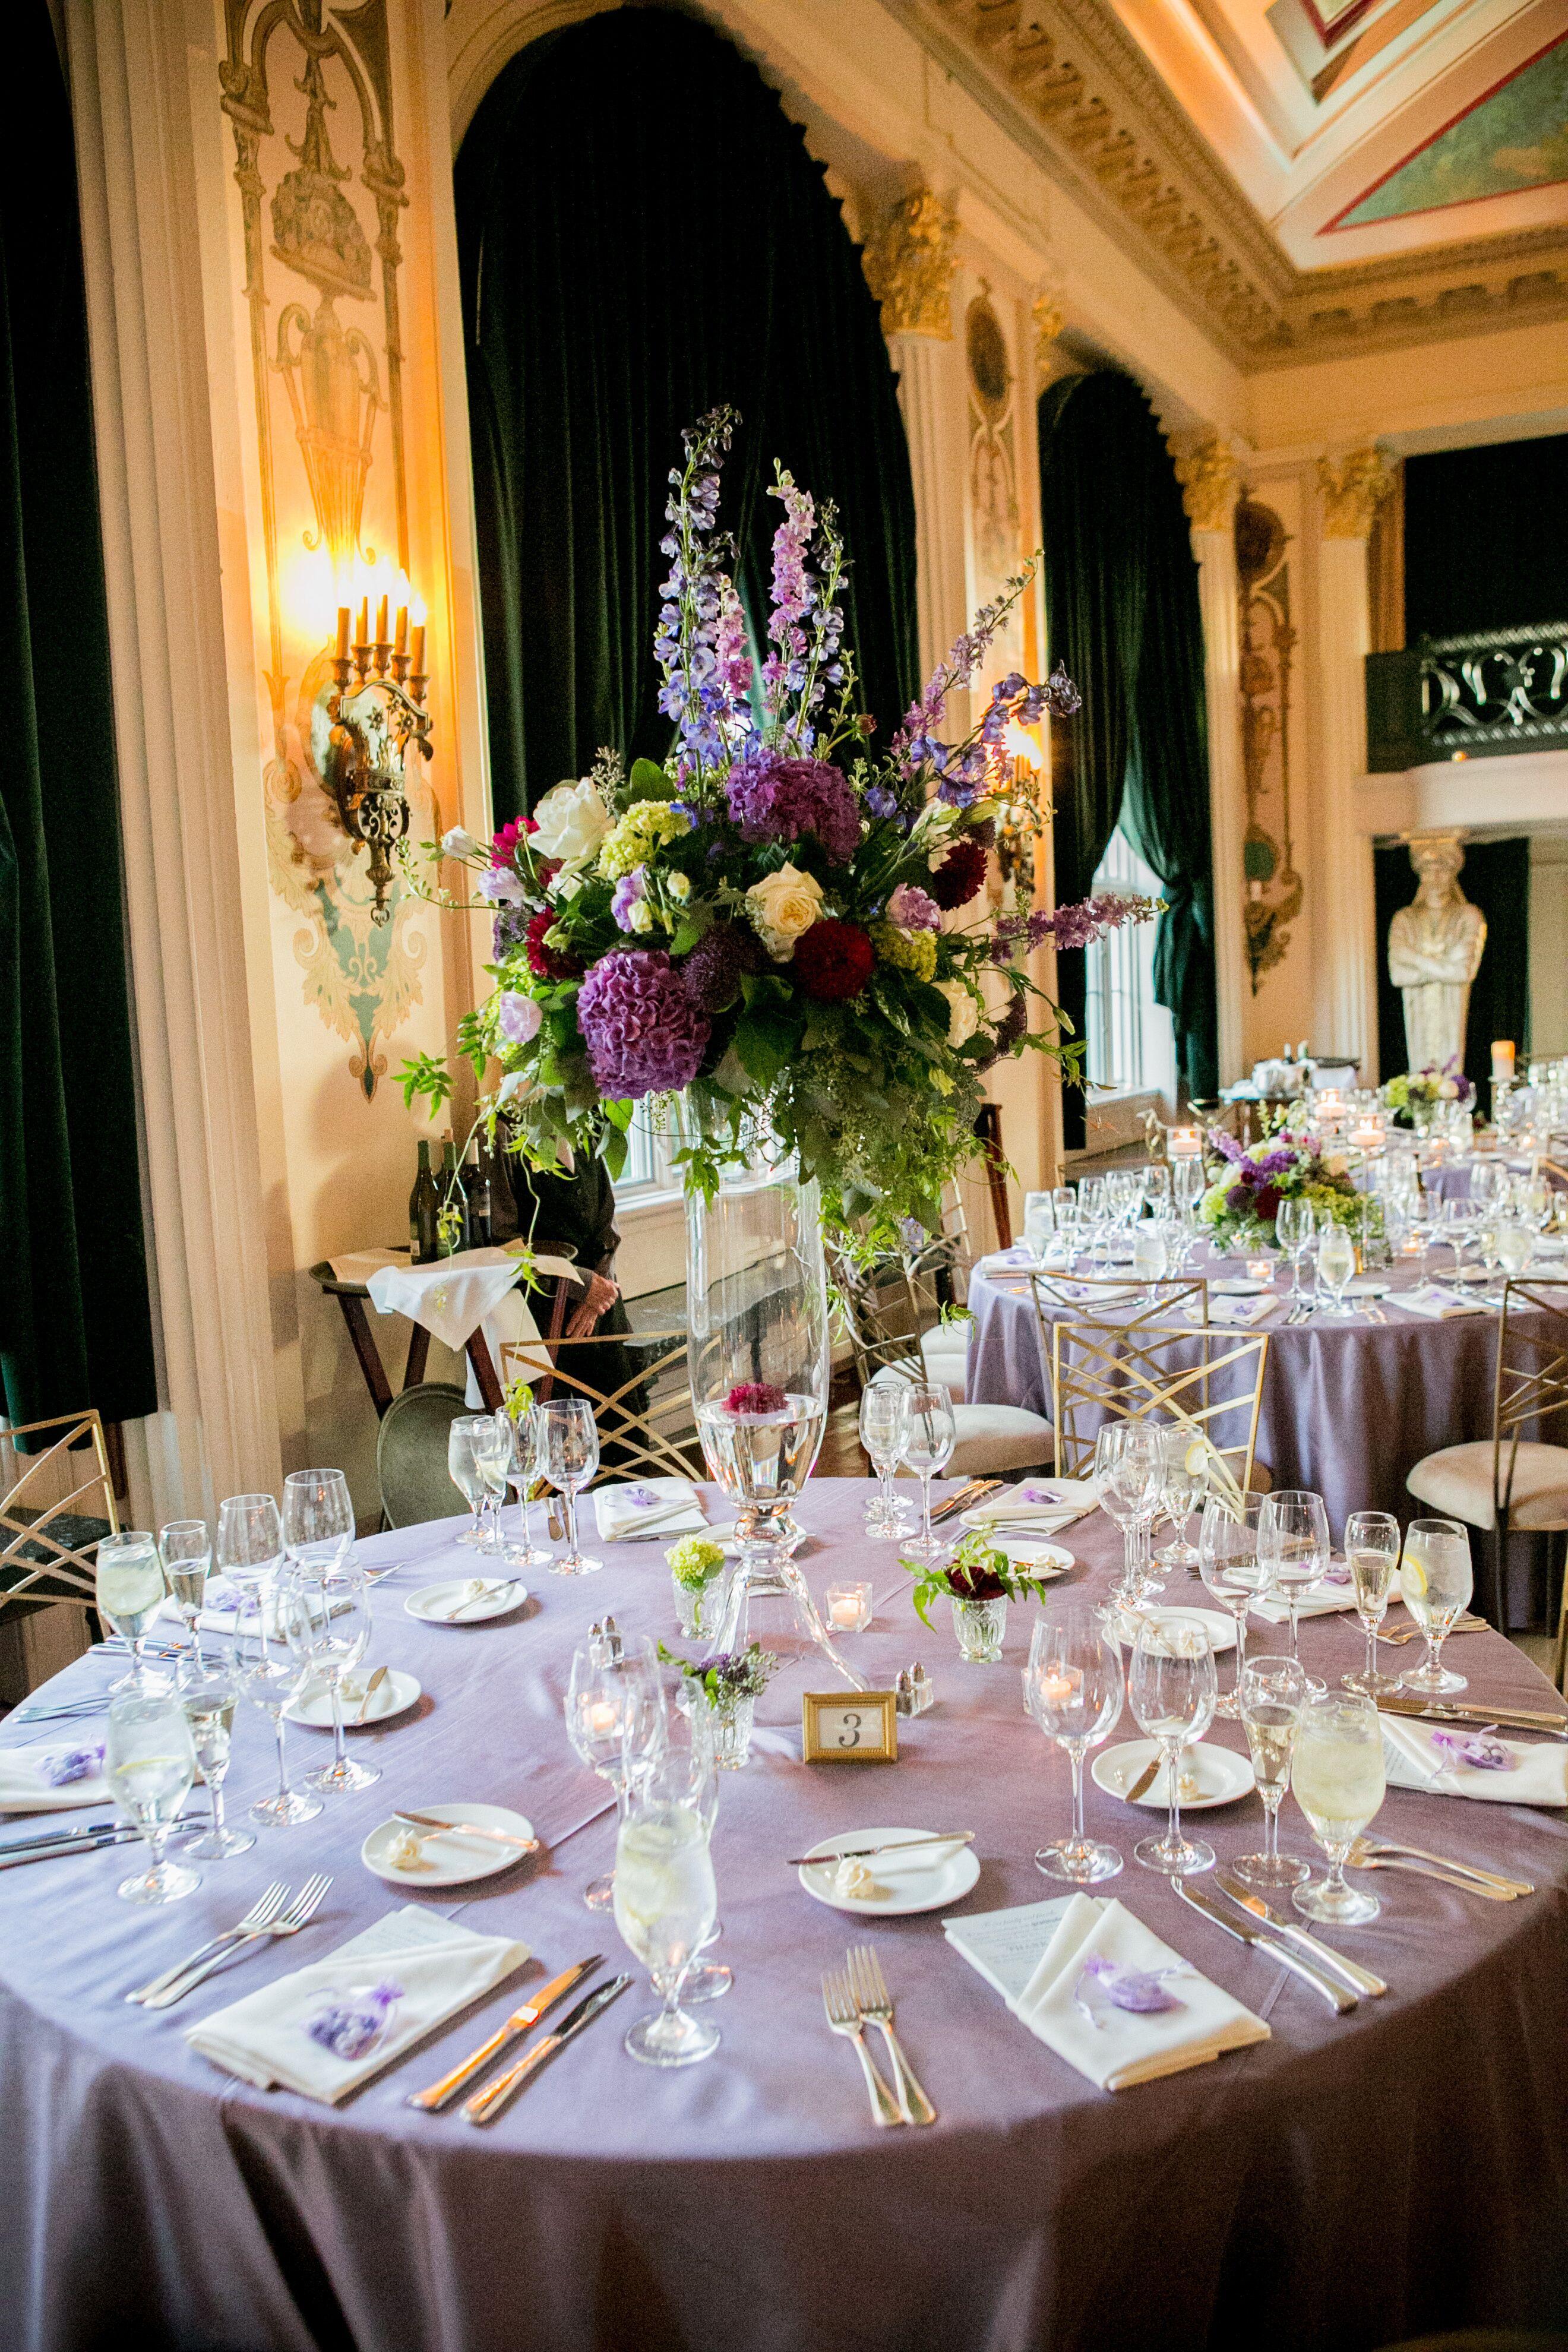 39 Gorgeous Tall Wedding Centerpieces | Green wedding ... |Tall Green Centerpiece